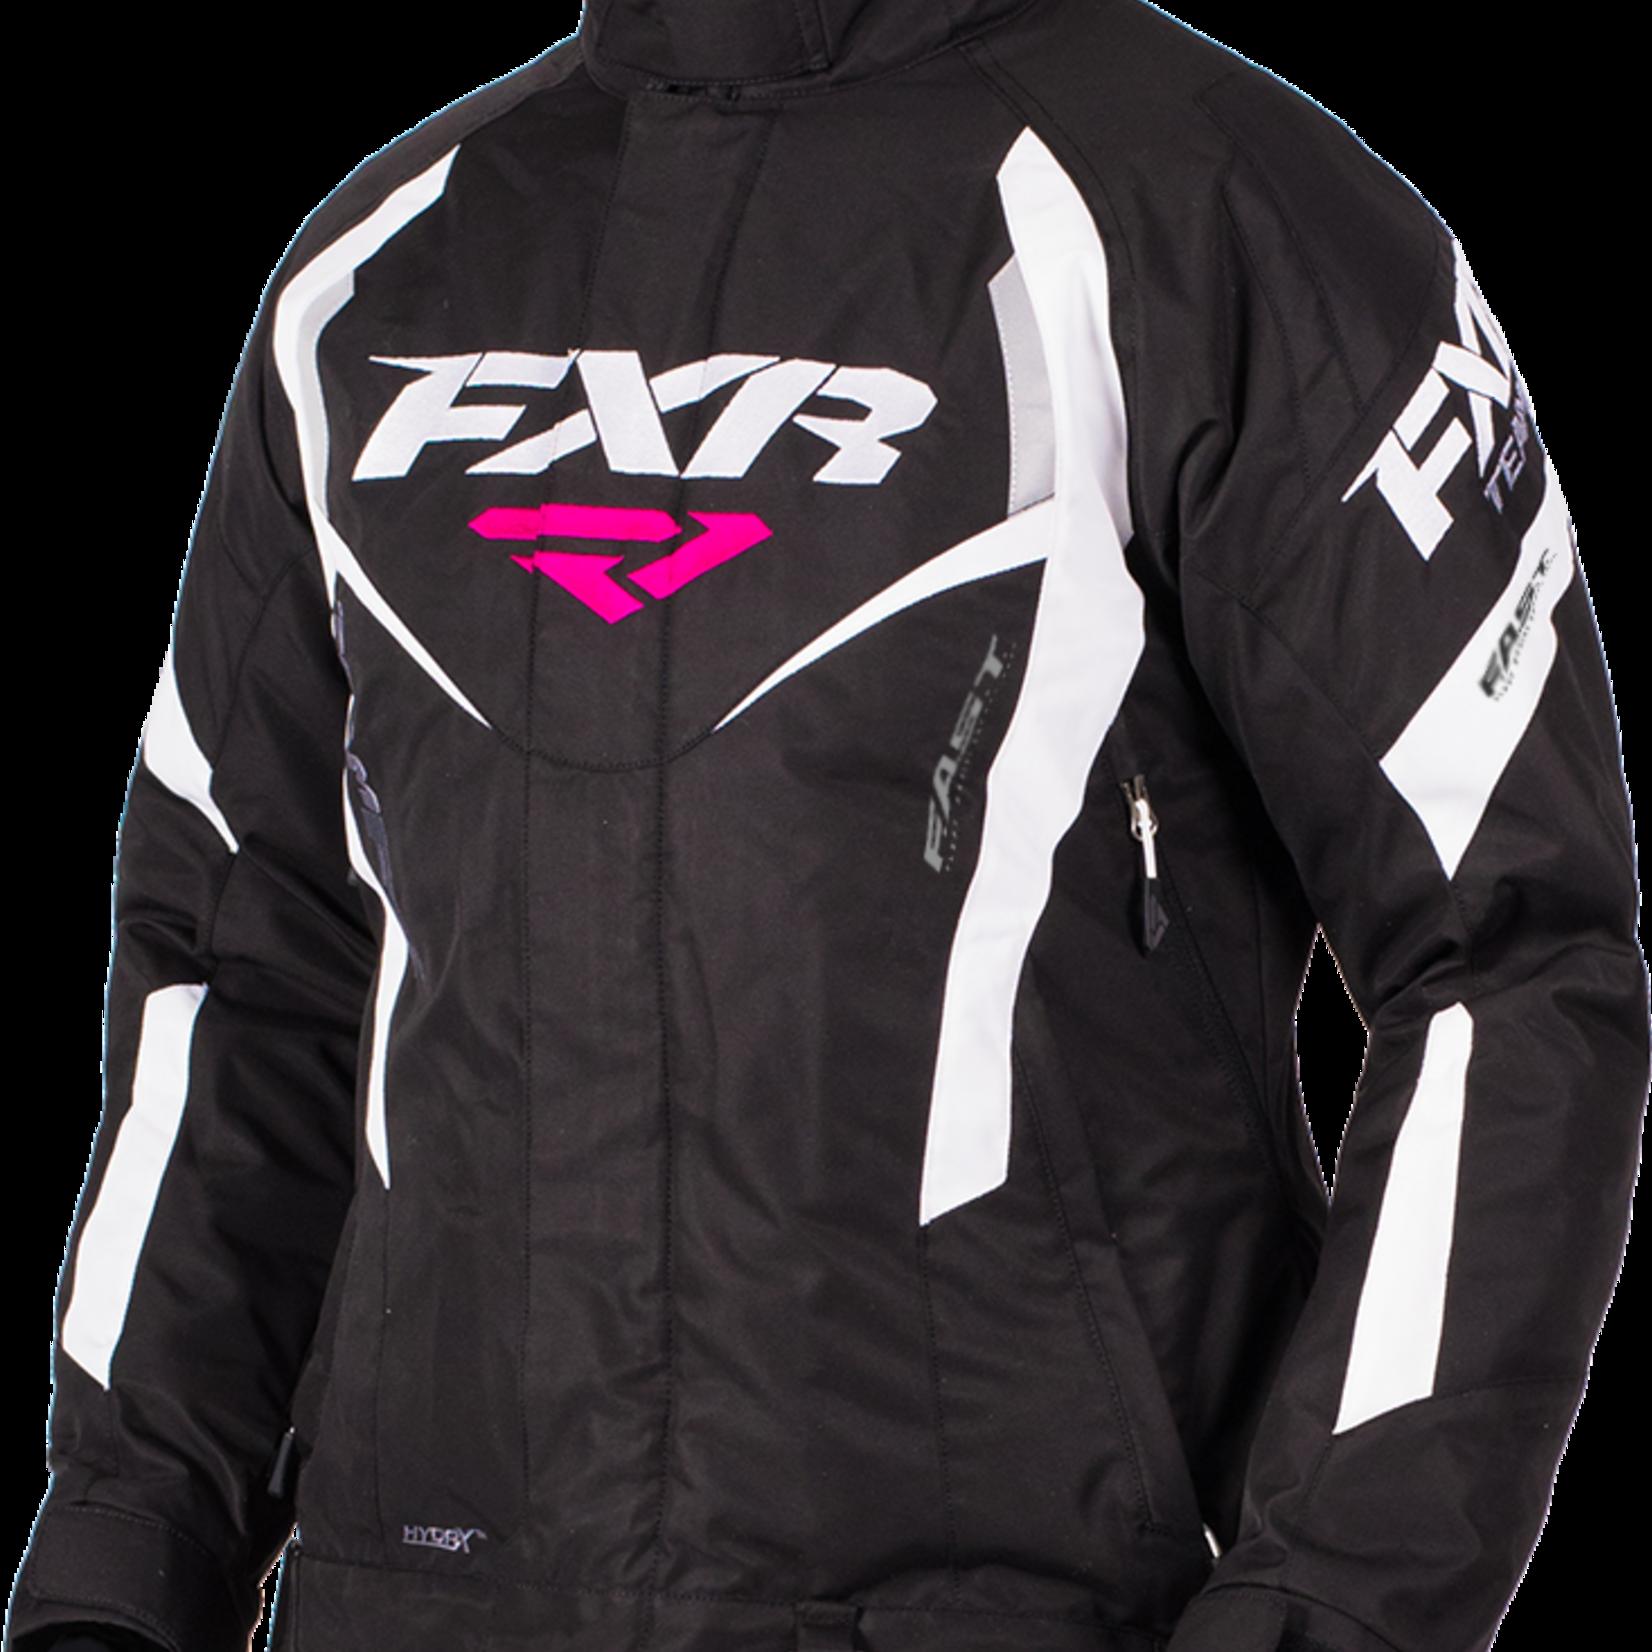 FXR FXR Team RL Jacket